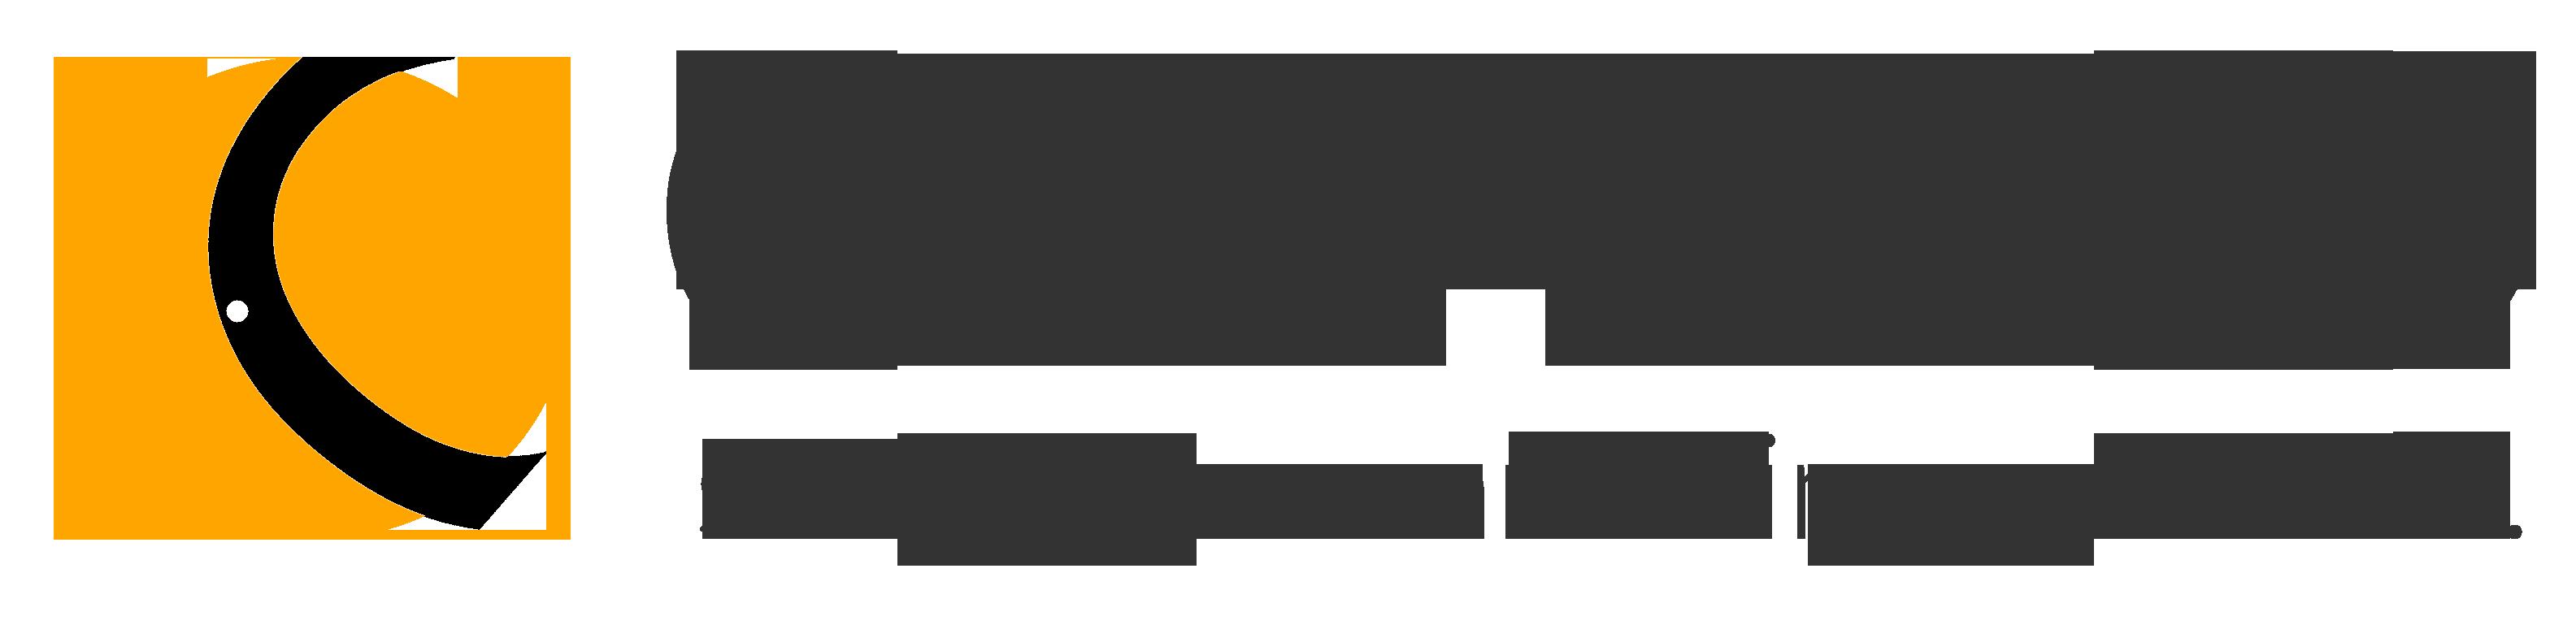 CENTEVO – strategie. marketing. vertrieb. | Agentur für Vertriebsdigitalisierung im B2B Bereich